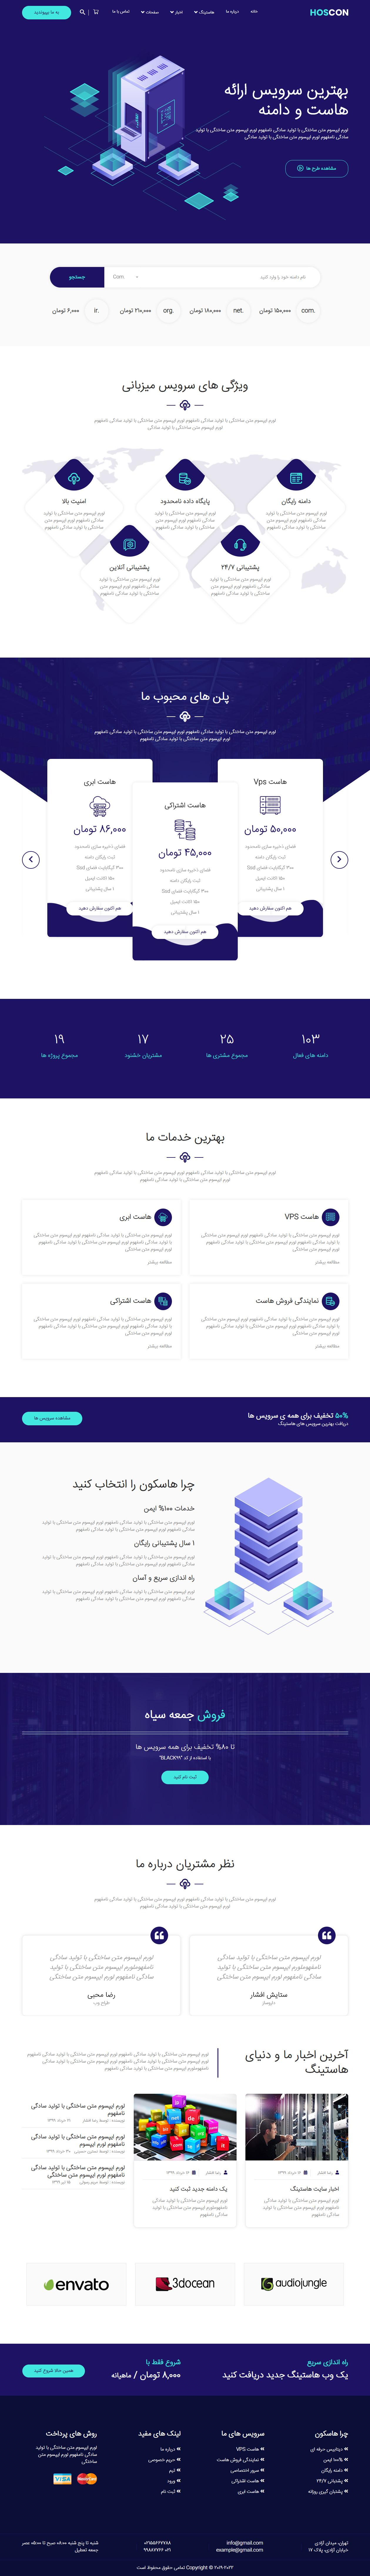 ویژگی های قالب HTML Hoscon | قالب HTML هاستینگ و میزبانی وب